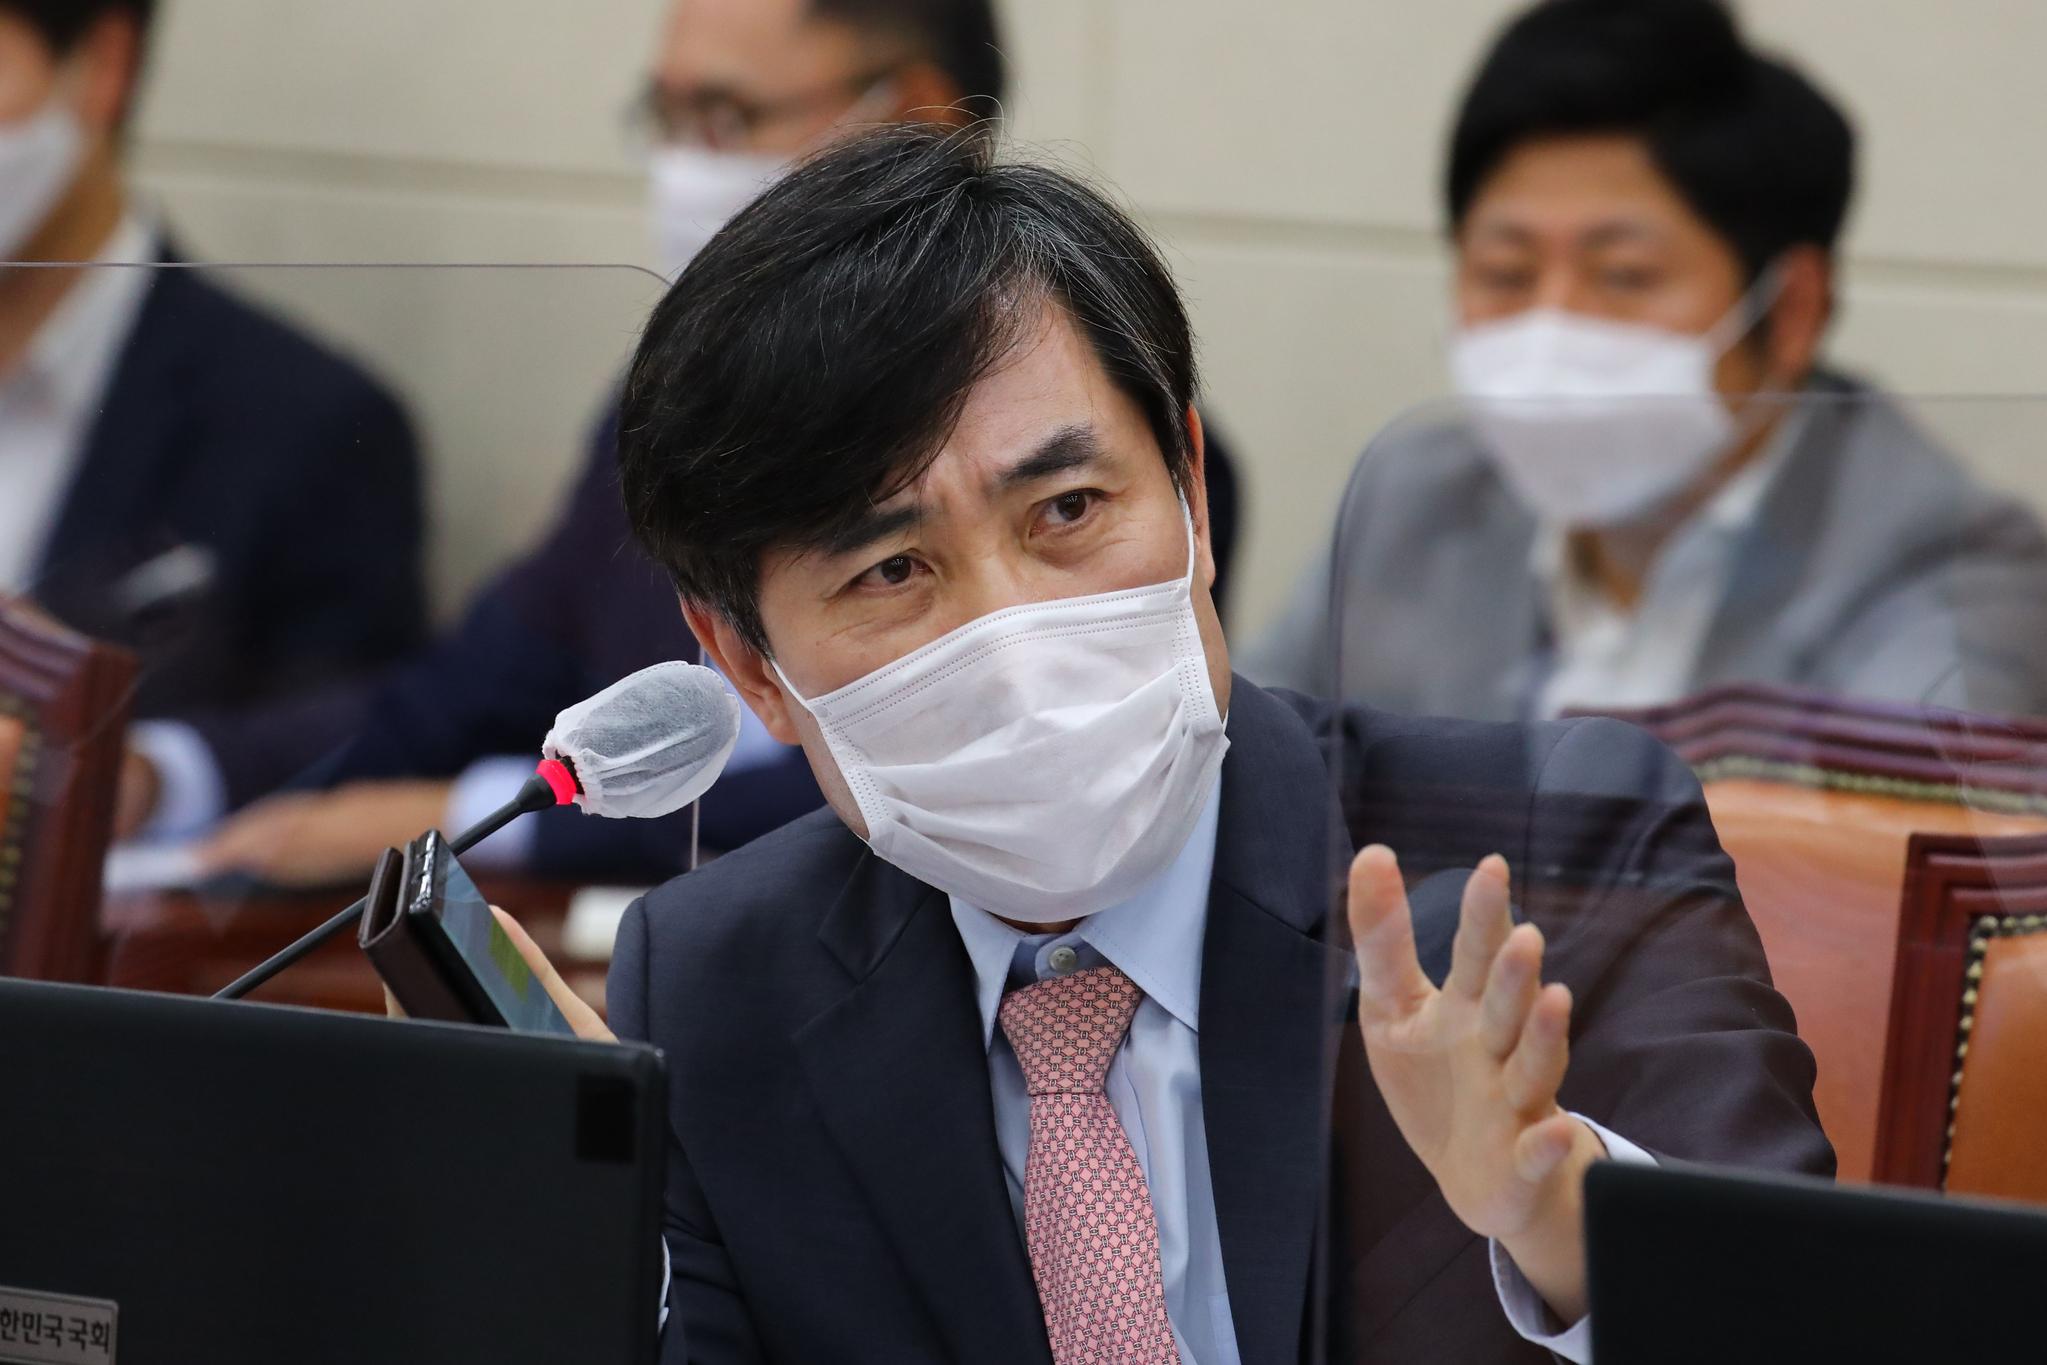 하태경 운동권 자녀까지 특혜…민주화 대입 전형 폐지법 발의